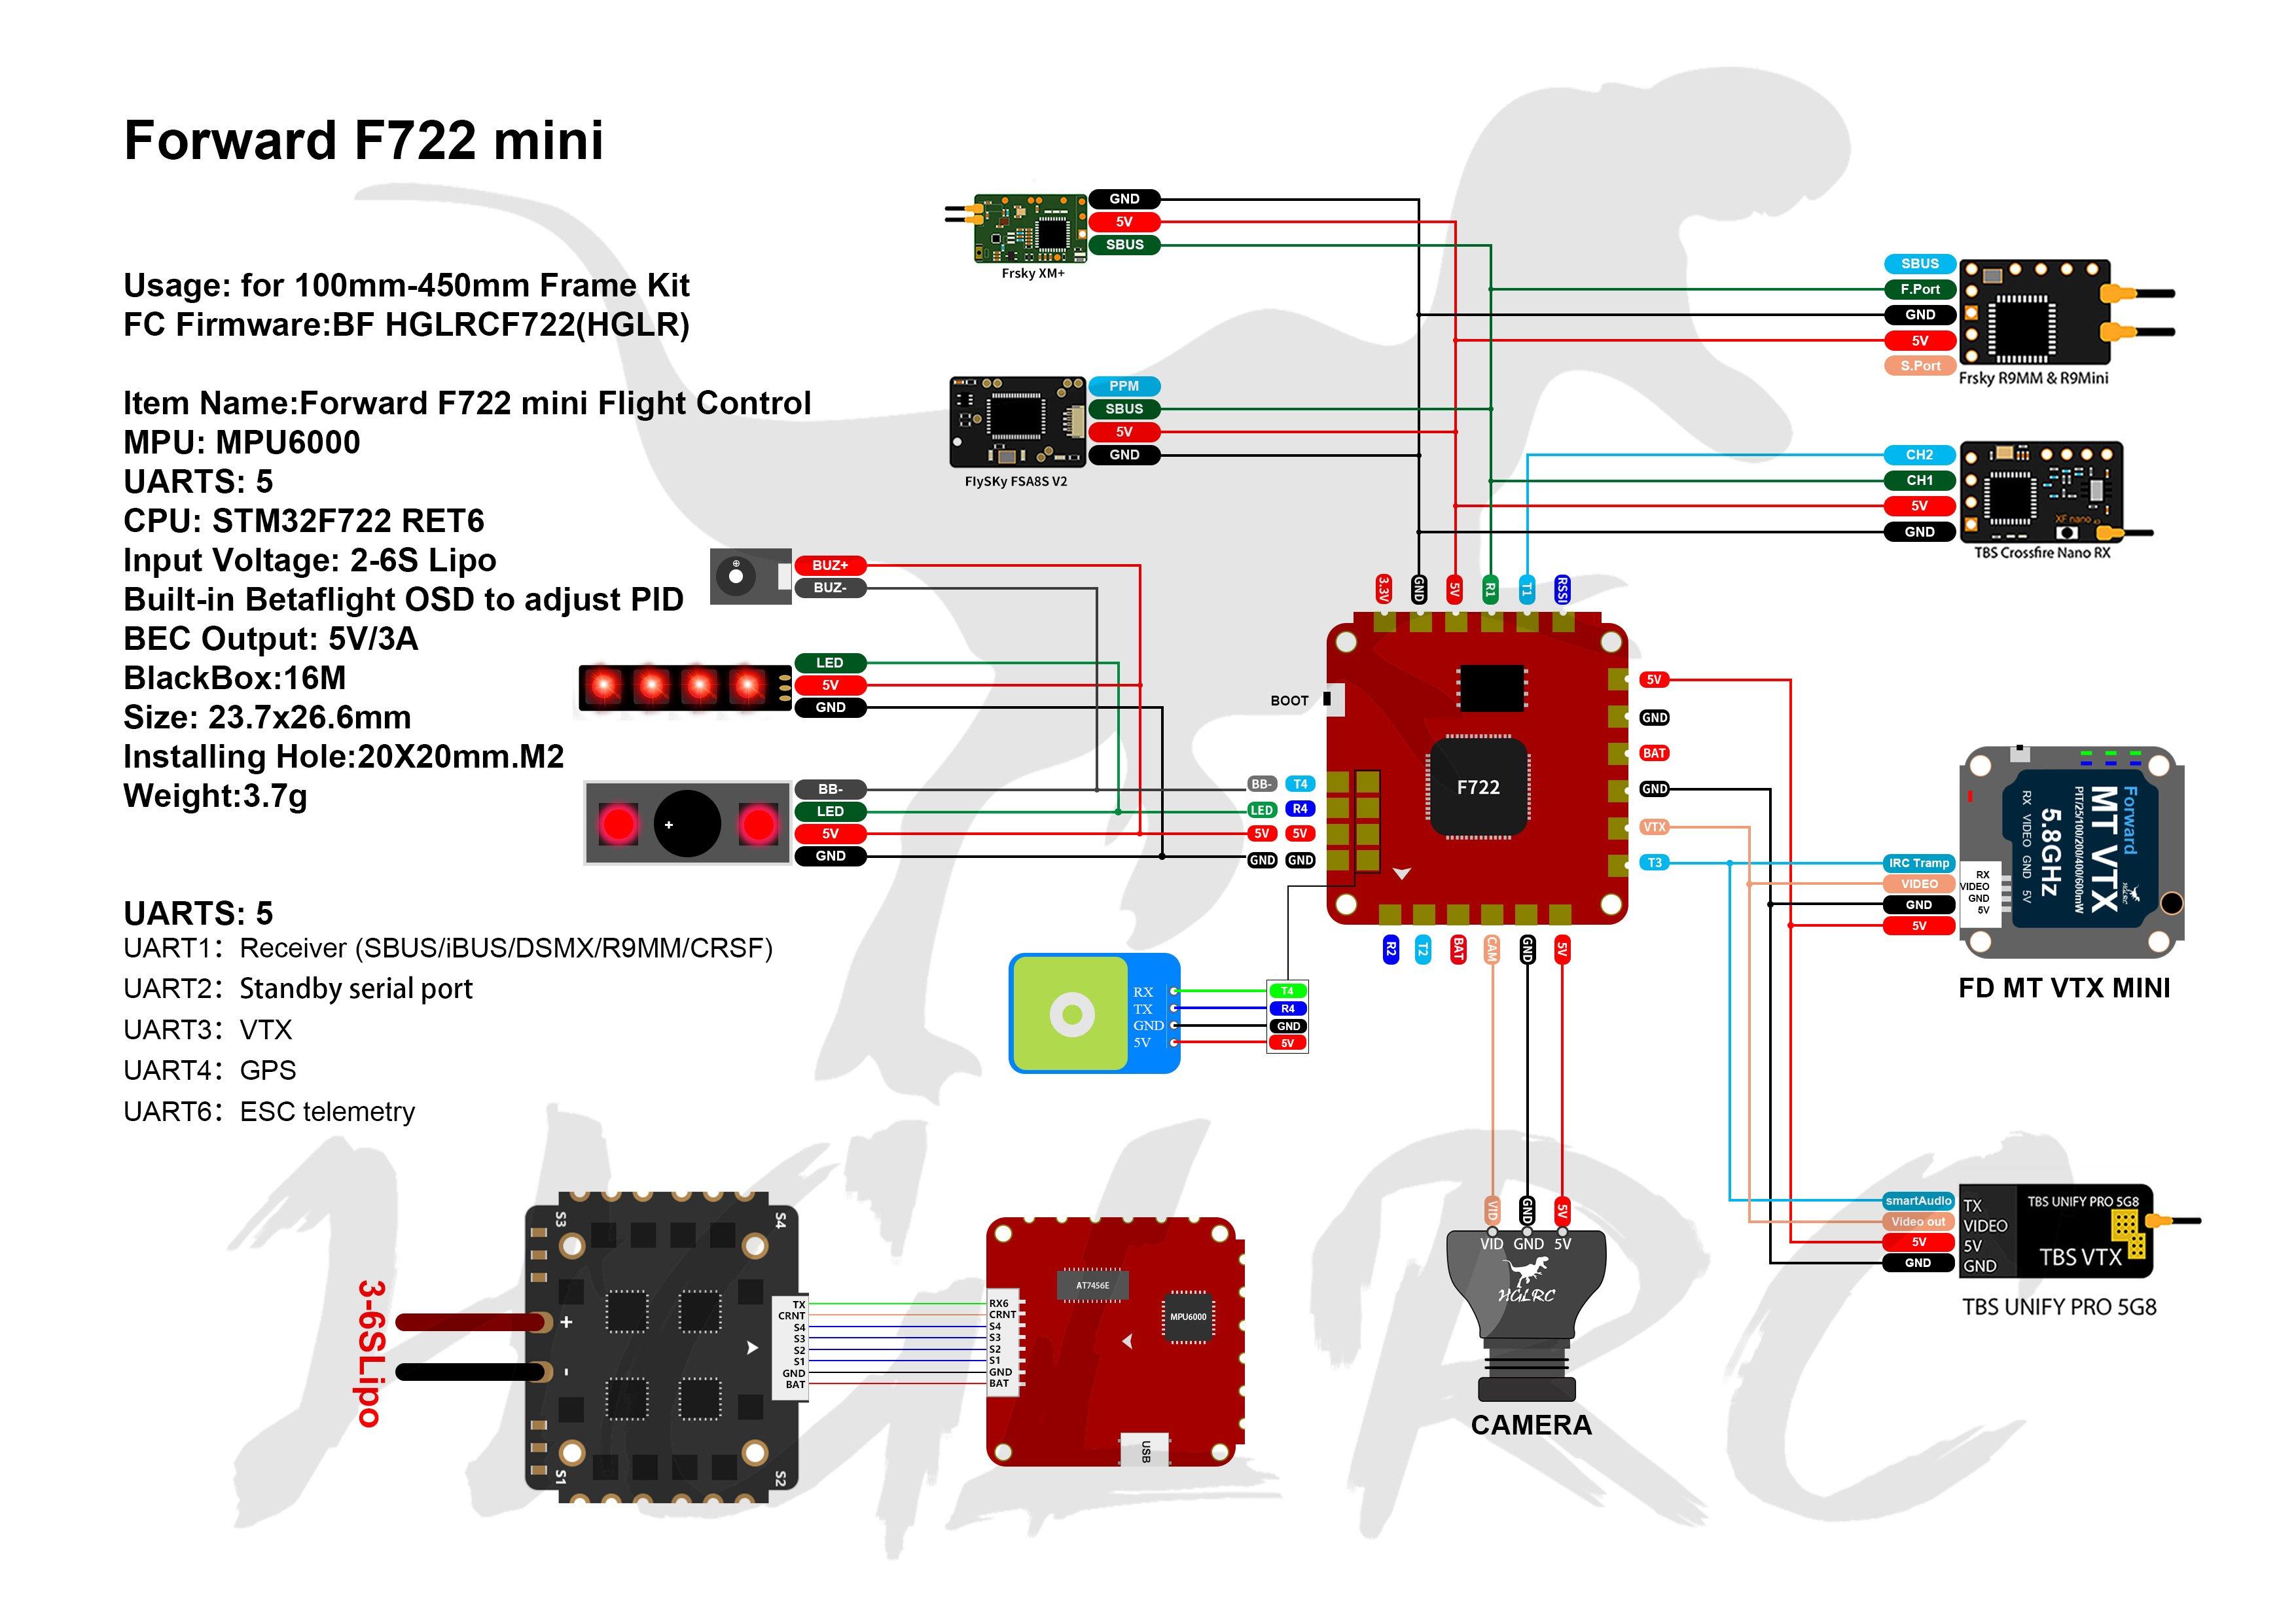 F722-mimi